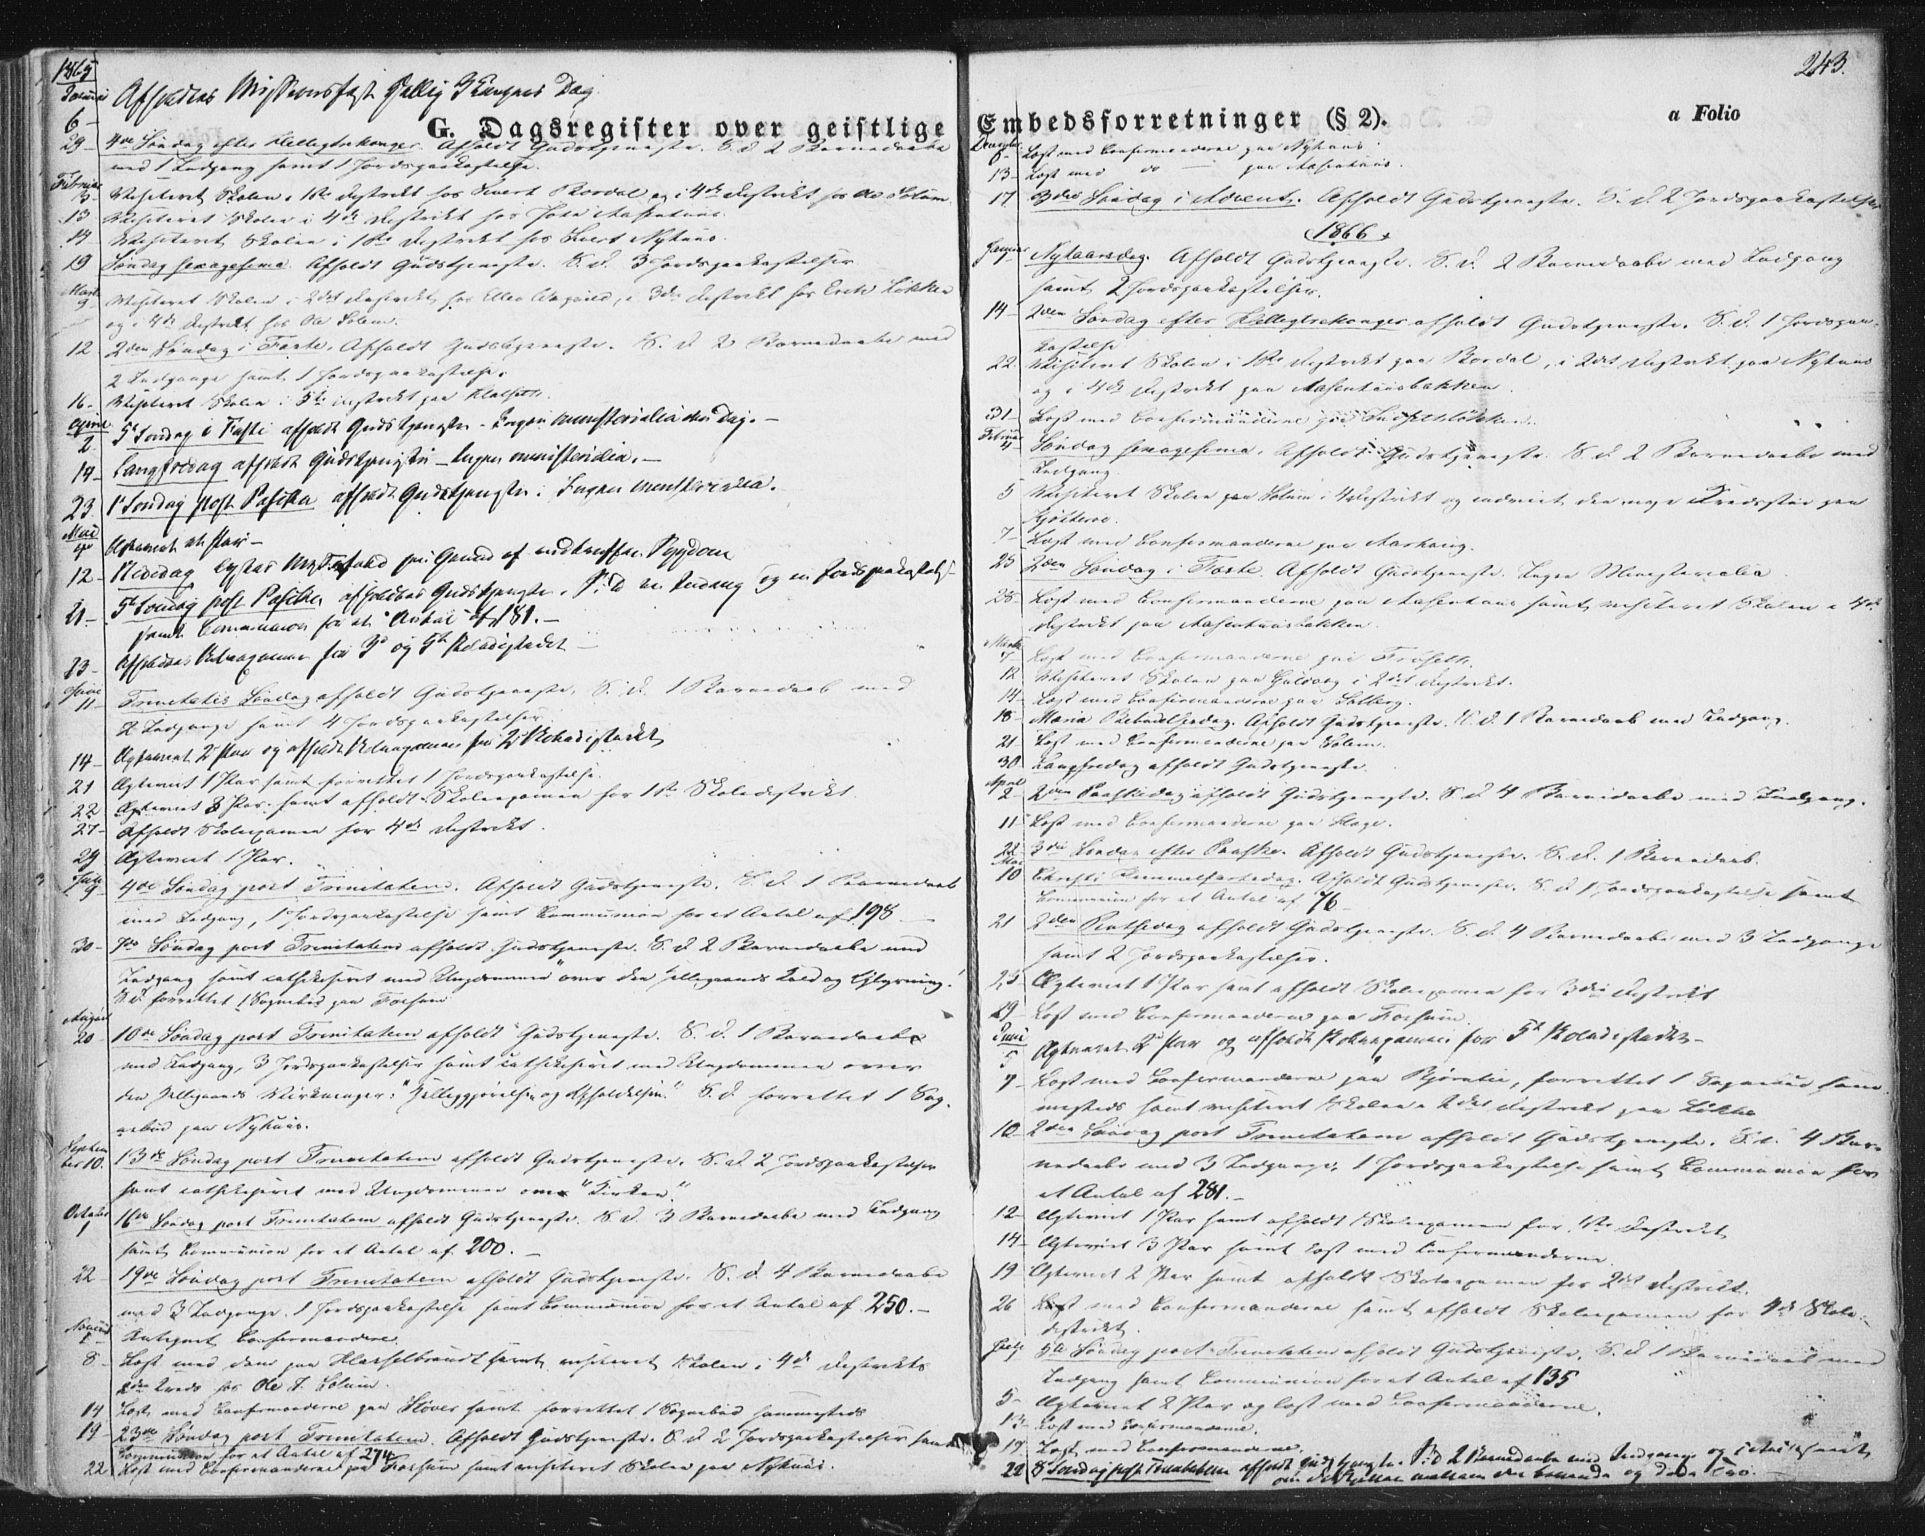 SAT, Ministerialprotokoller, klokkerbøker og fødselsregistre - Sør-Trøndelag, 689/L1038: Ministerialbok nr. 689A03, 1848-1872, s. 243